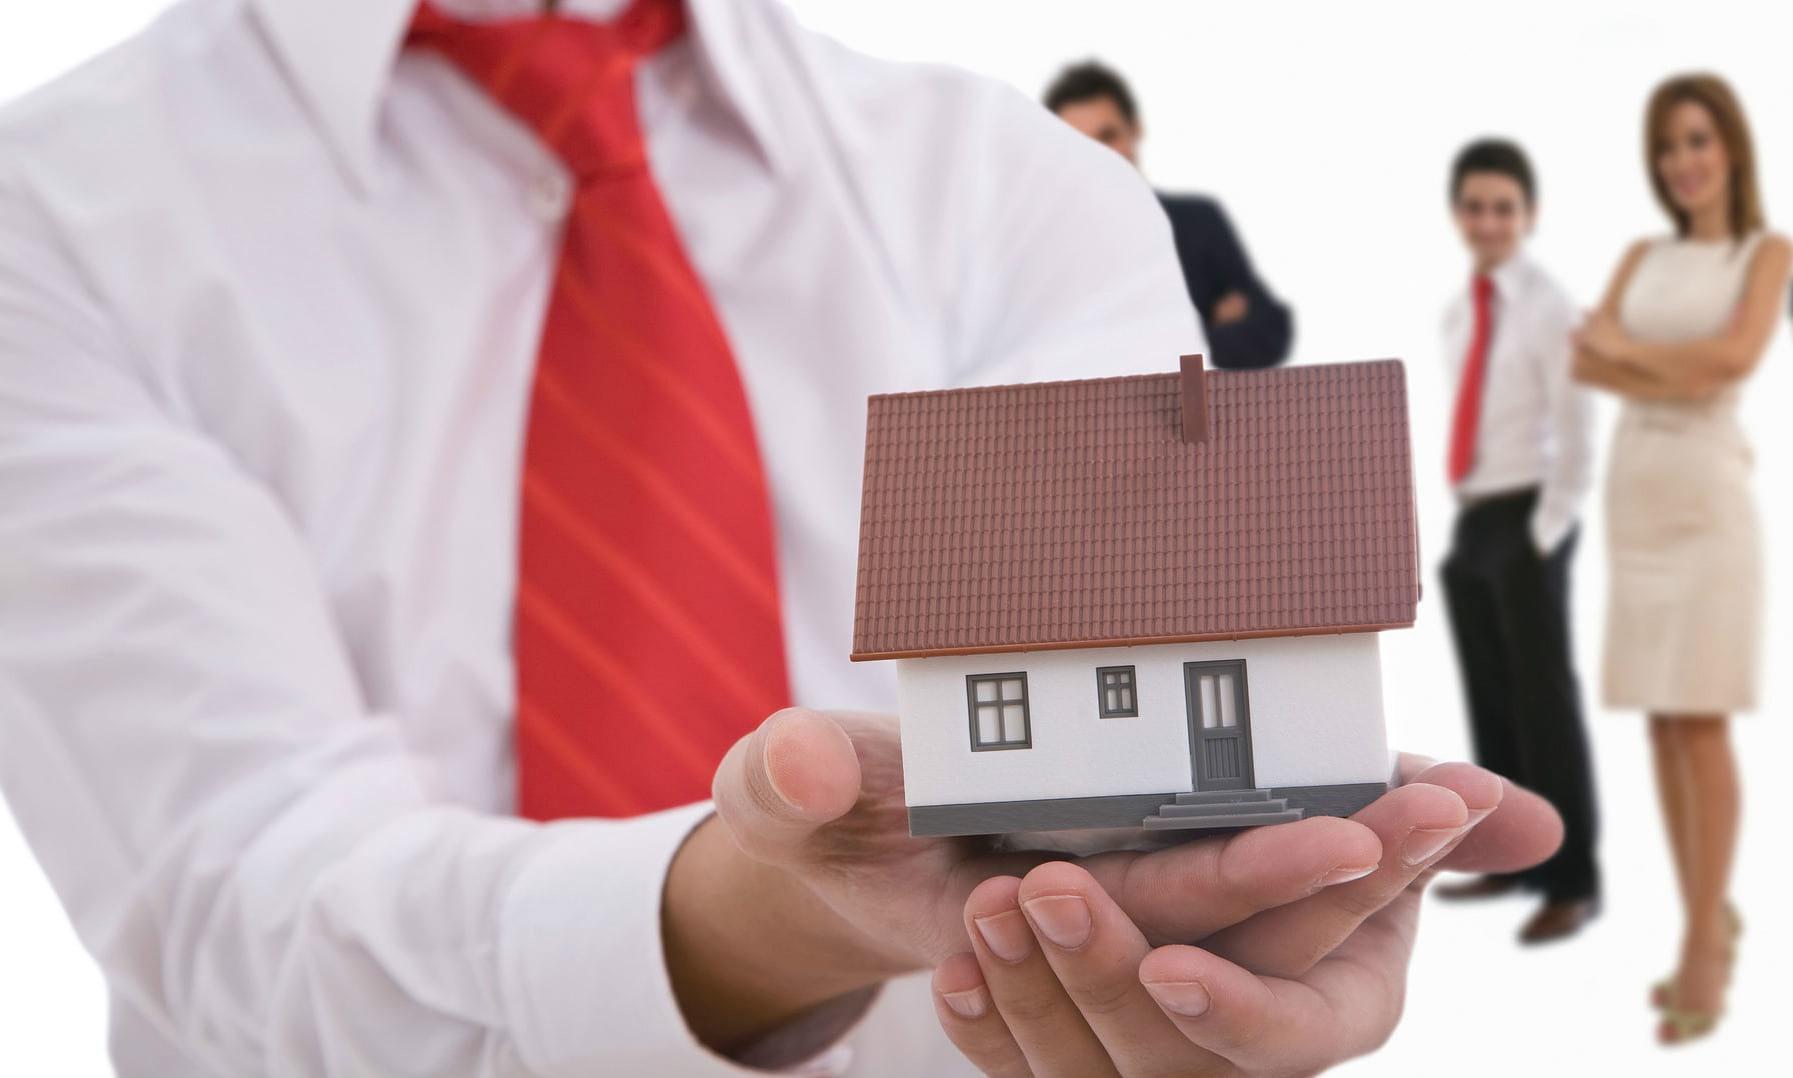 Судебная практика о расприватизации квартиры